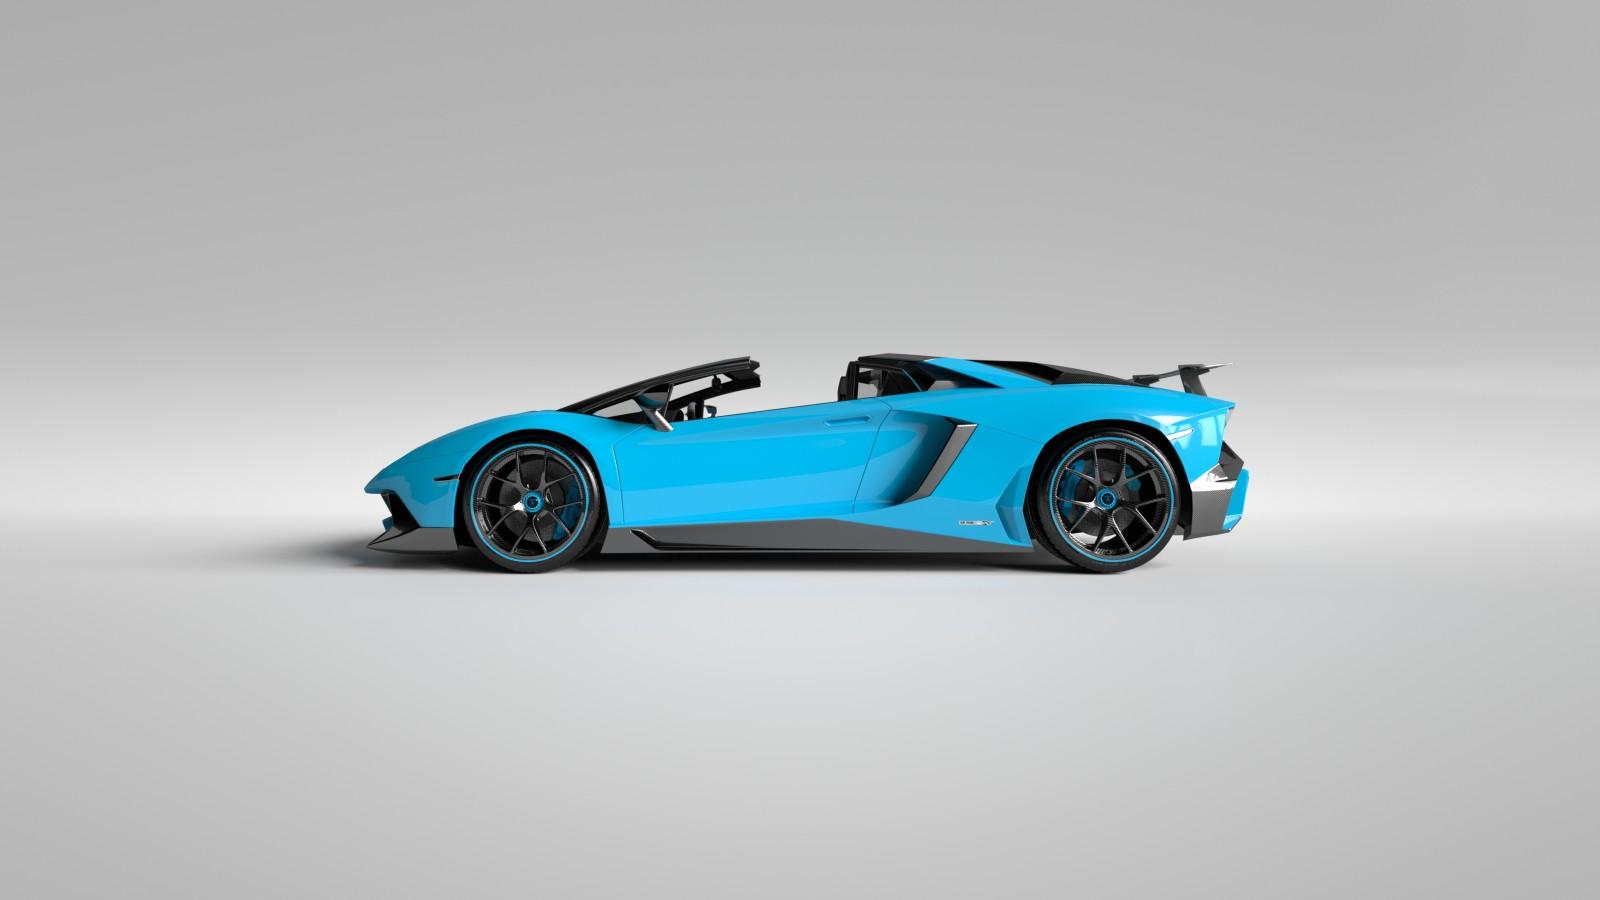 Lamborghini Aventador LP750-4 Superveloce - Vitesse Audessus (4)